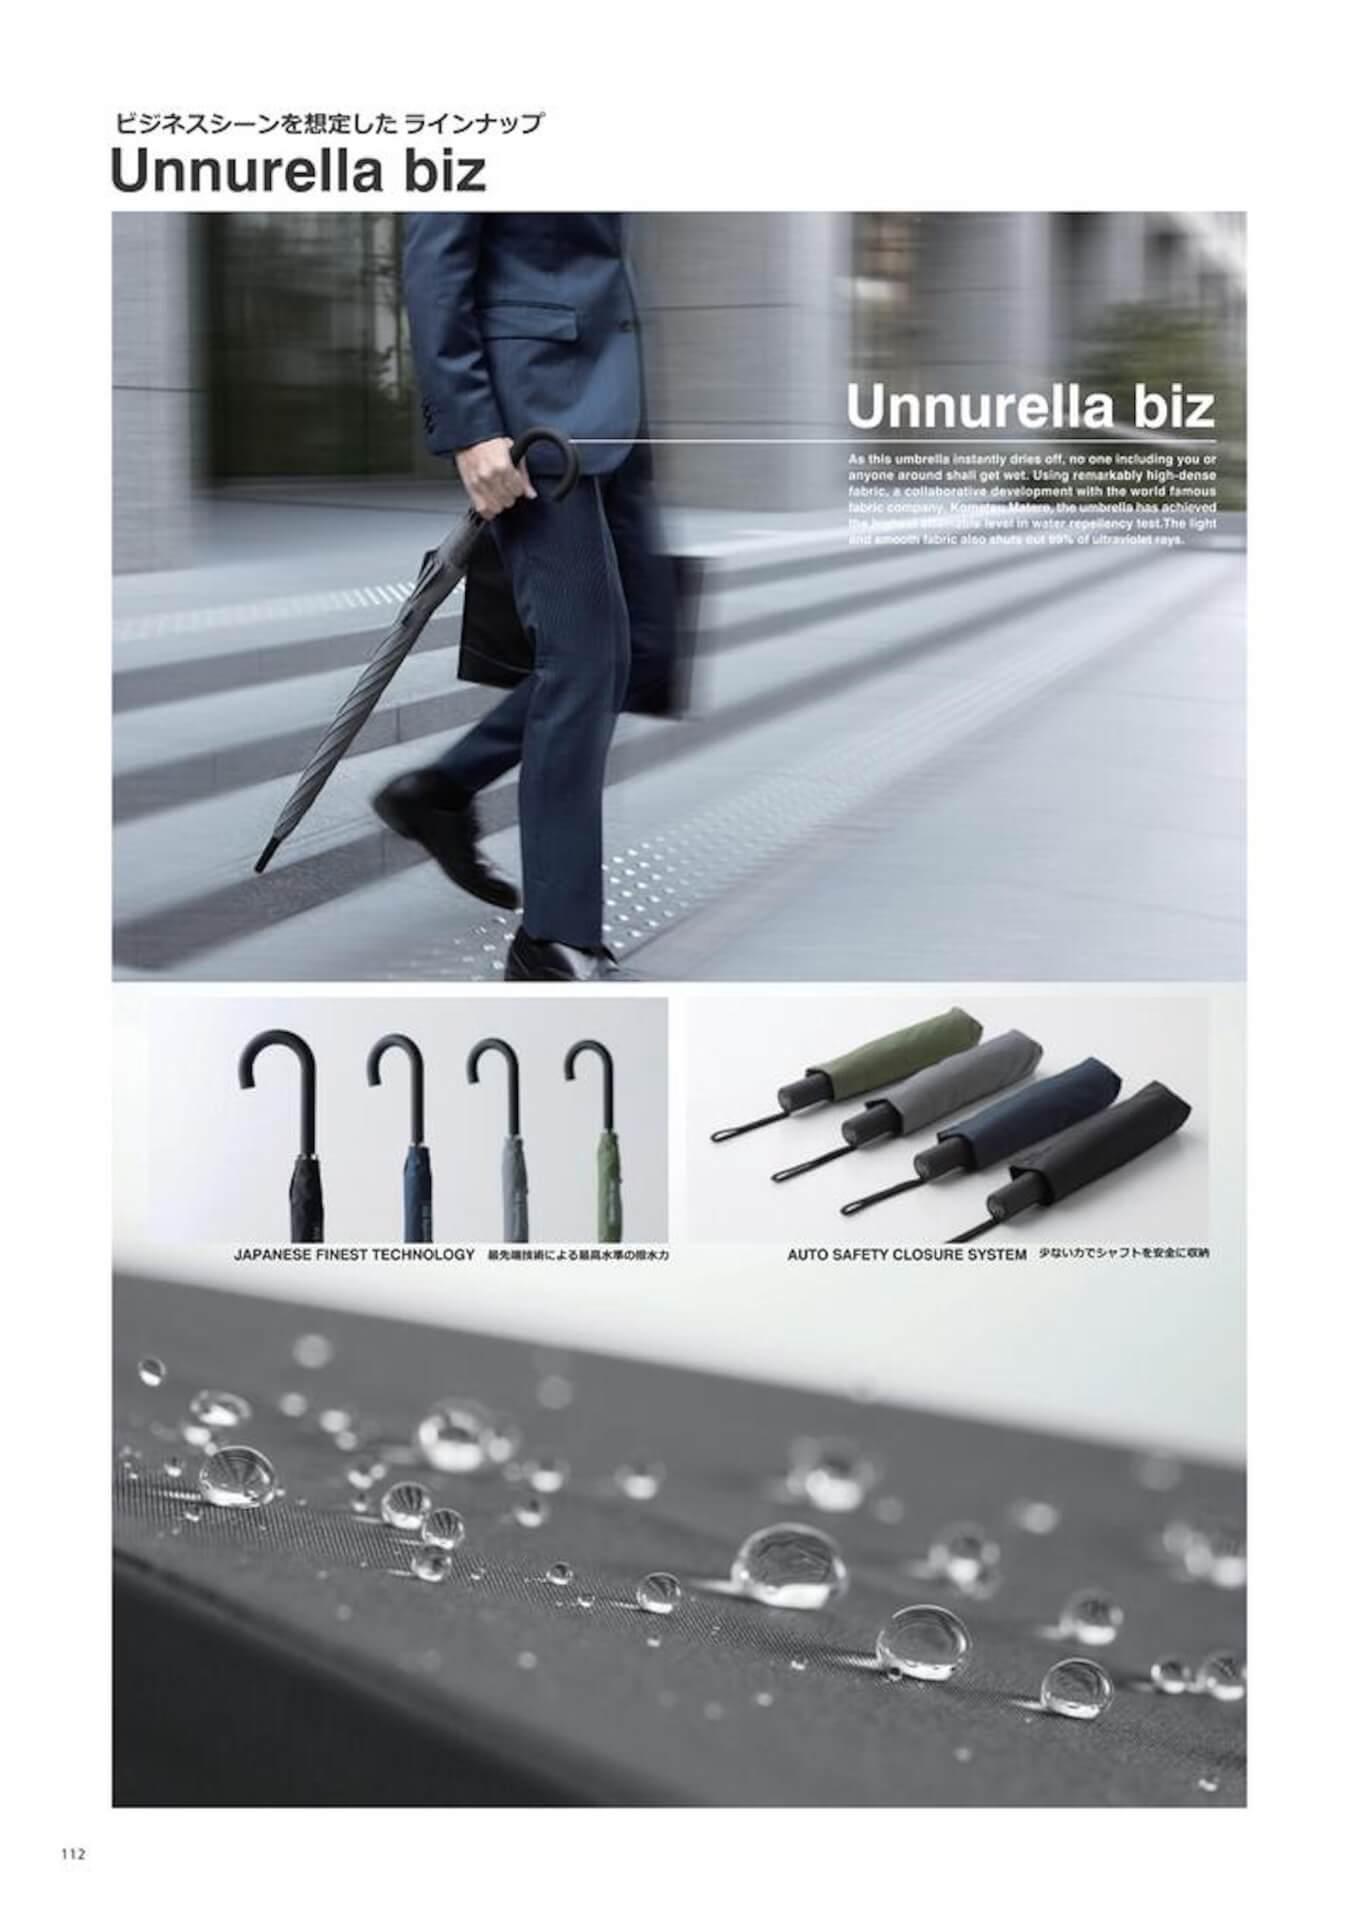 Wpc.(TM)から濡らさない傘『アンヌレラ』が登場!高いはっ水性・防水性で雨水が滴るのをガード lf200622_unnurella_wpc_02